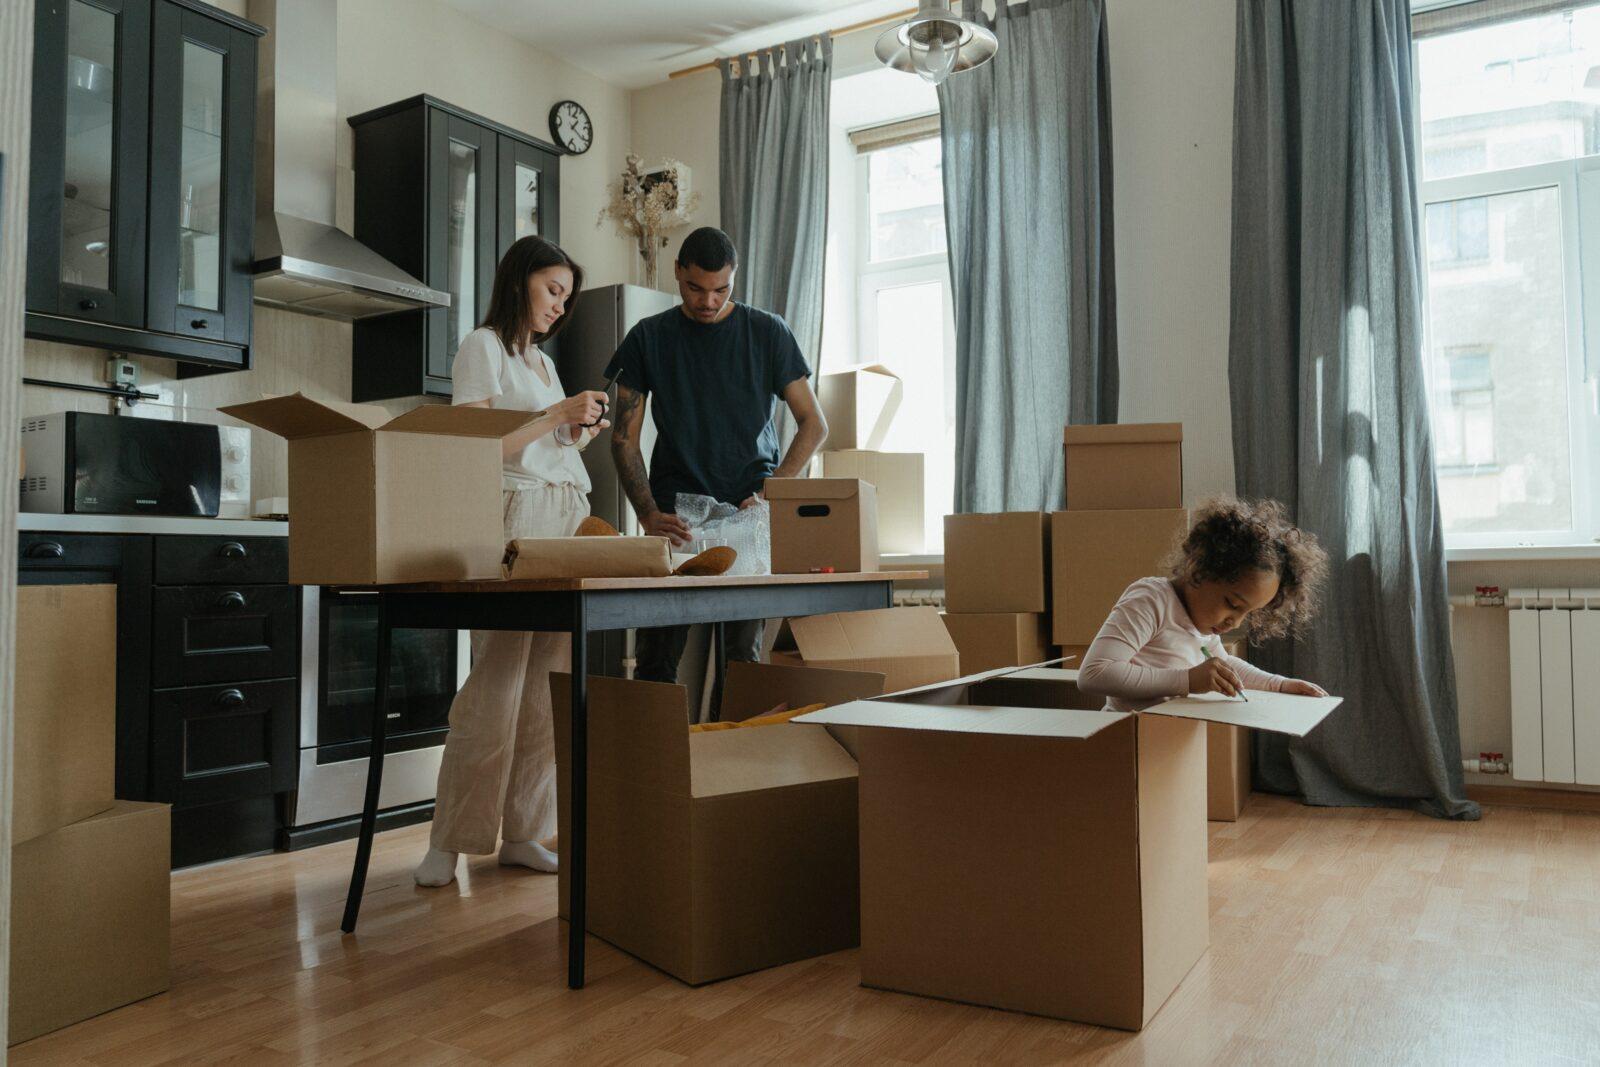 搬家該注意的事? 三大面向教你安心搬家